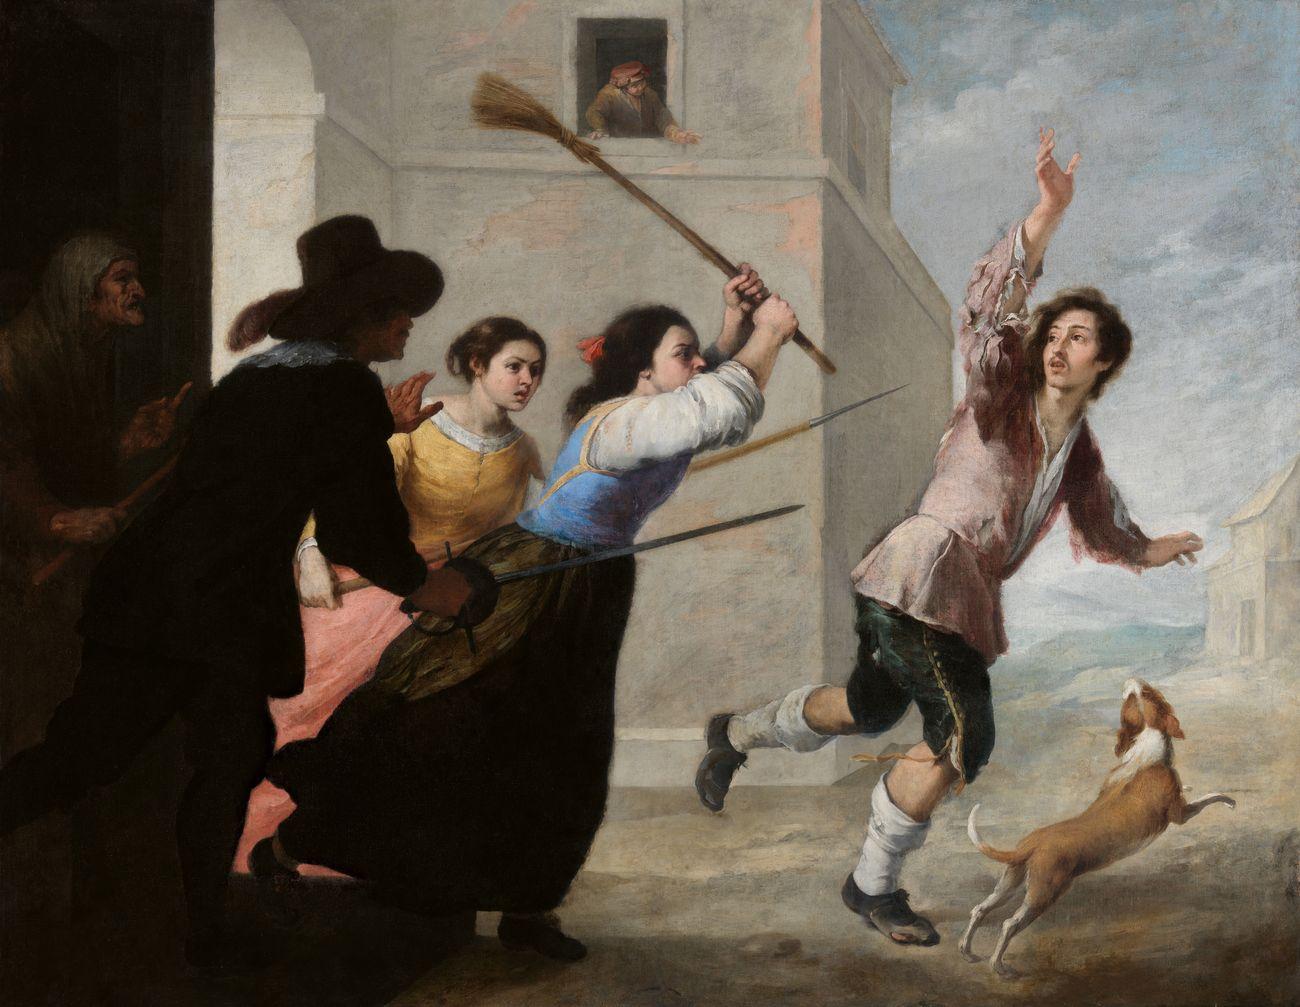 Bartolomé Esteban Murillo, El hijo pródigo expulsado por las cortesanas, 1660 65. Dublino, National Gallery of Ireland